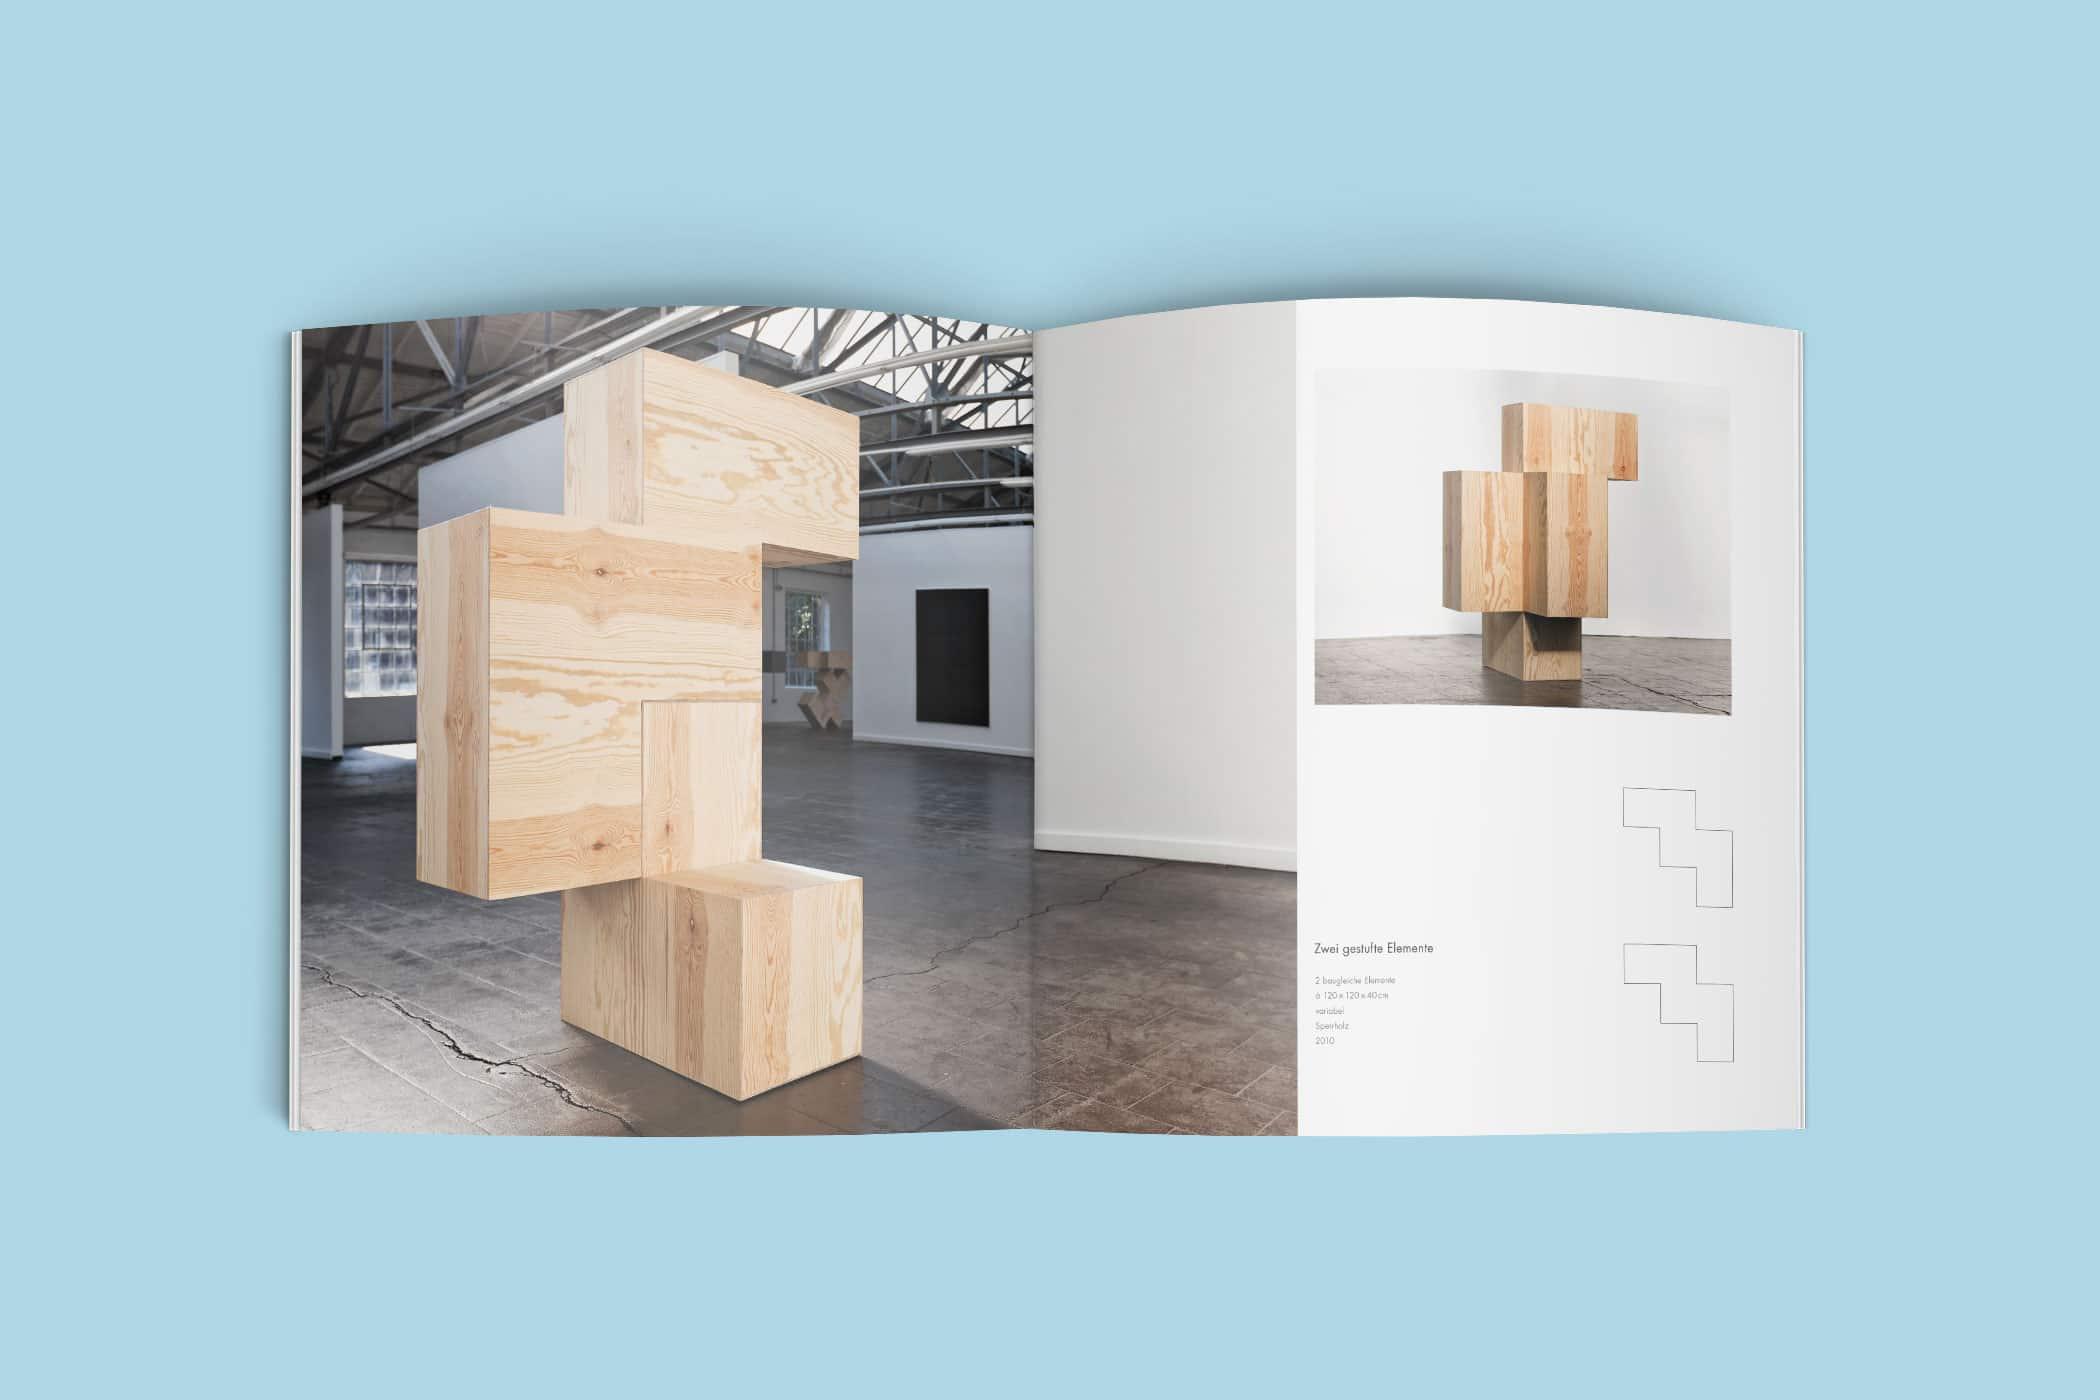 Ausstellungskatalog für den Künstler Wolfgang Hahn